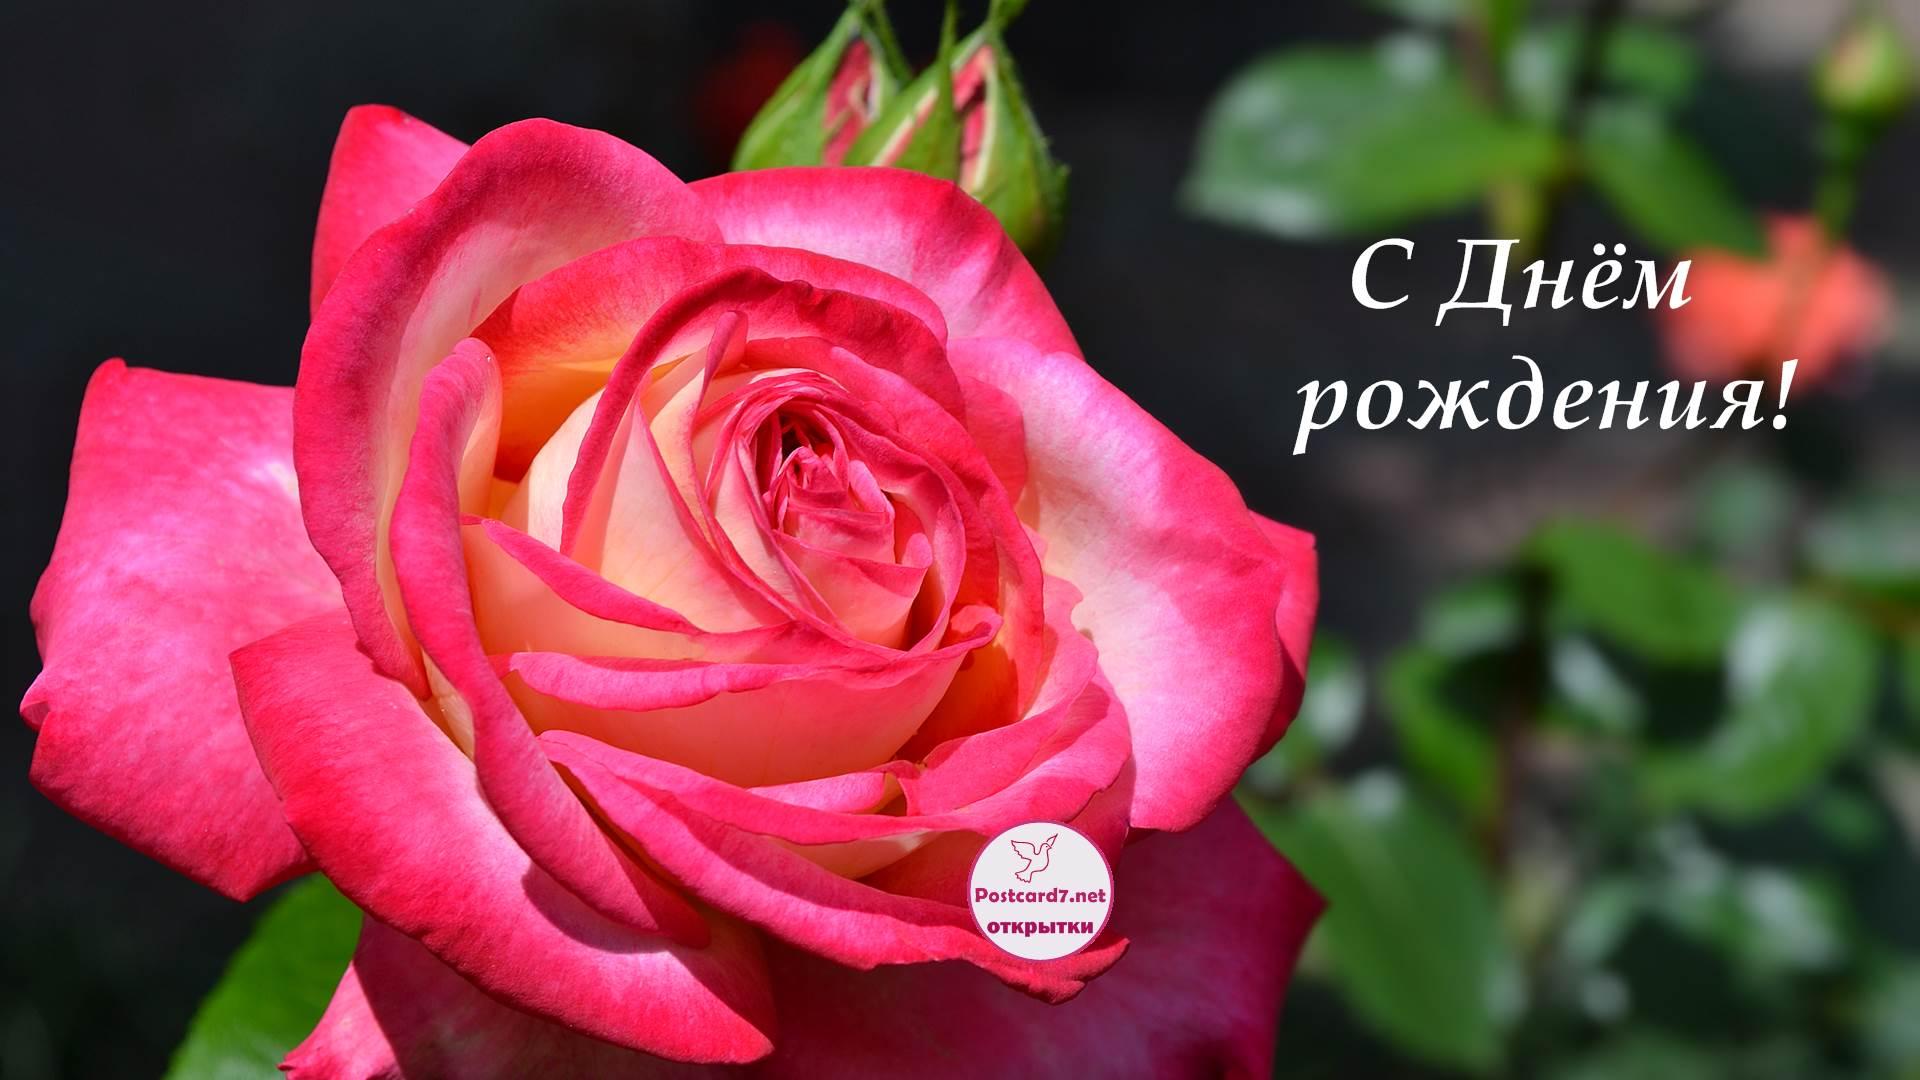 Открытки розами день рождения, смешных мужчин